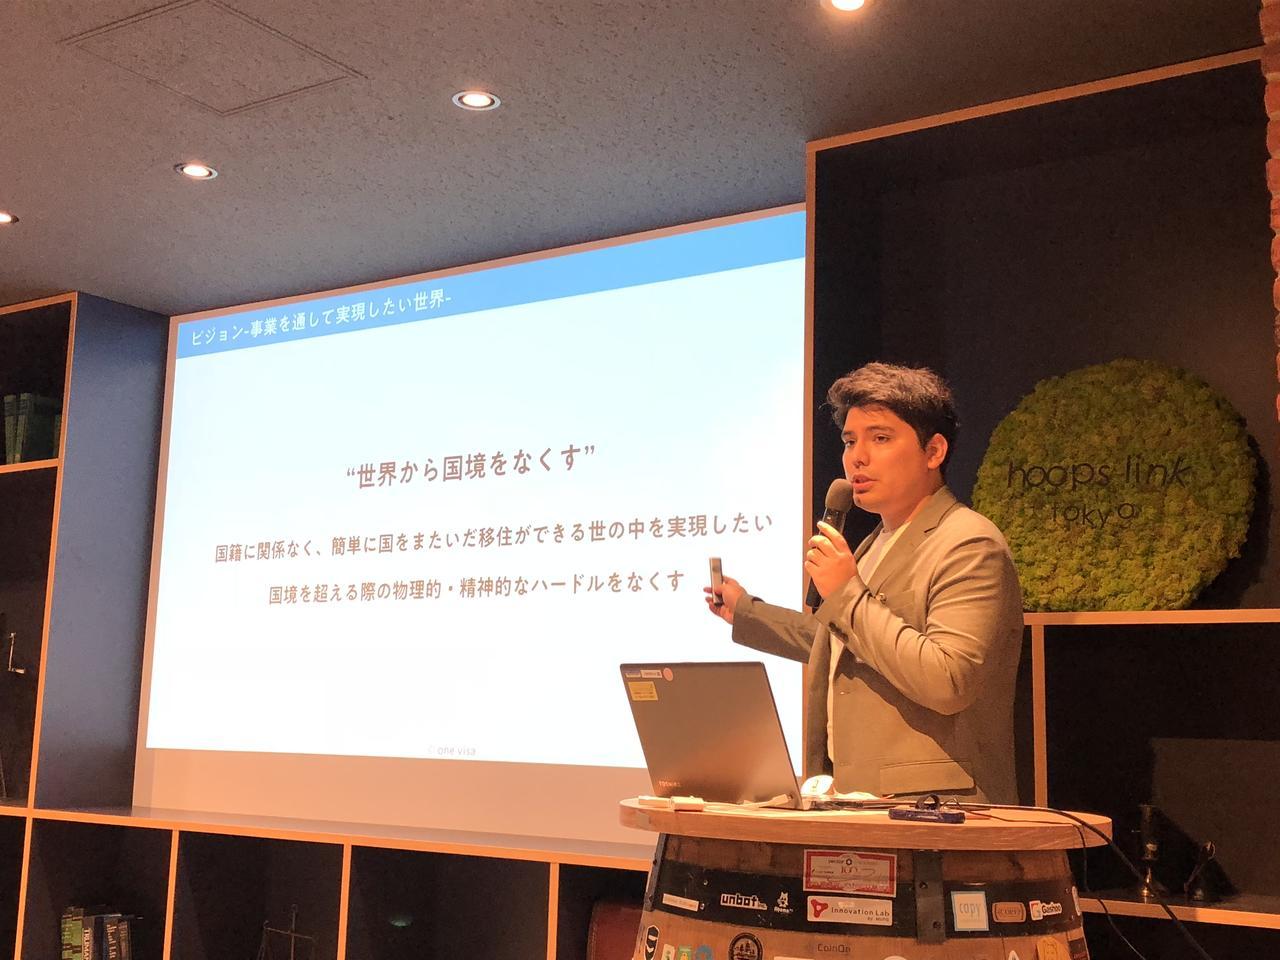 画像1: 利便性と社会課題解決に取り組むスタートアップ6社~「第1回官民交流 Digital Transformation Meetup」レポート(2)